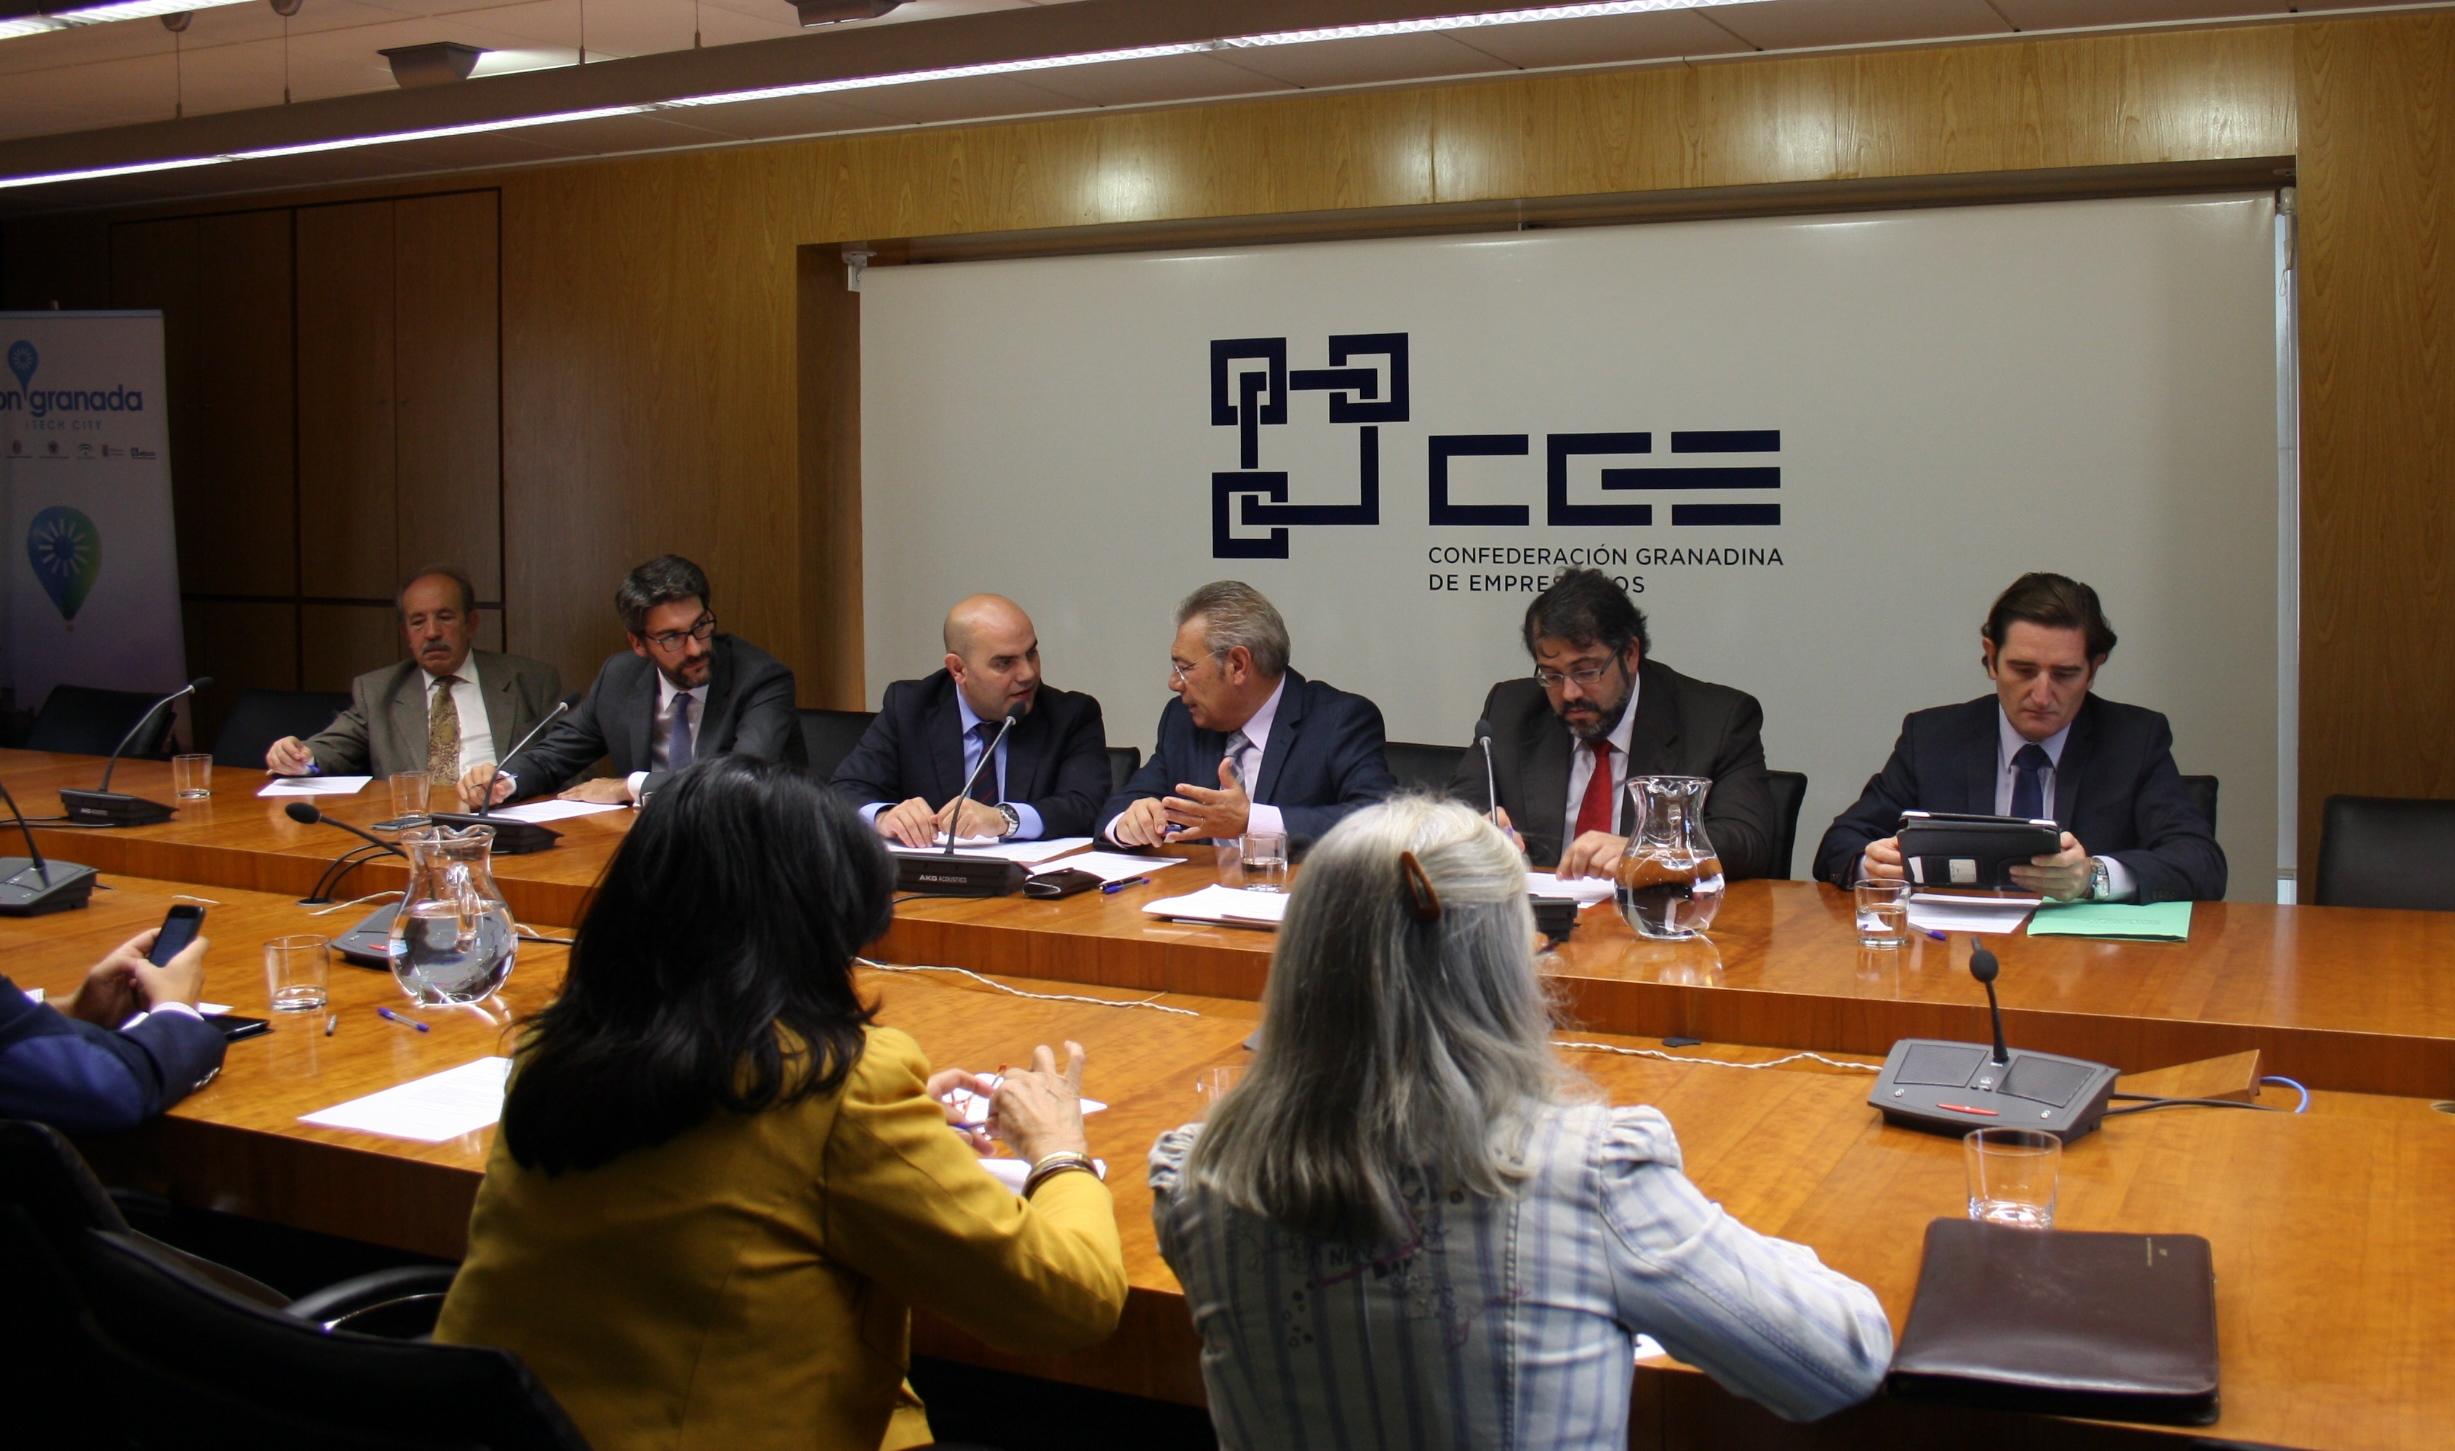 La Asociación Granadina para la Internacionalización prepara su presentación ante los empresarios de Marruecos